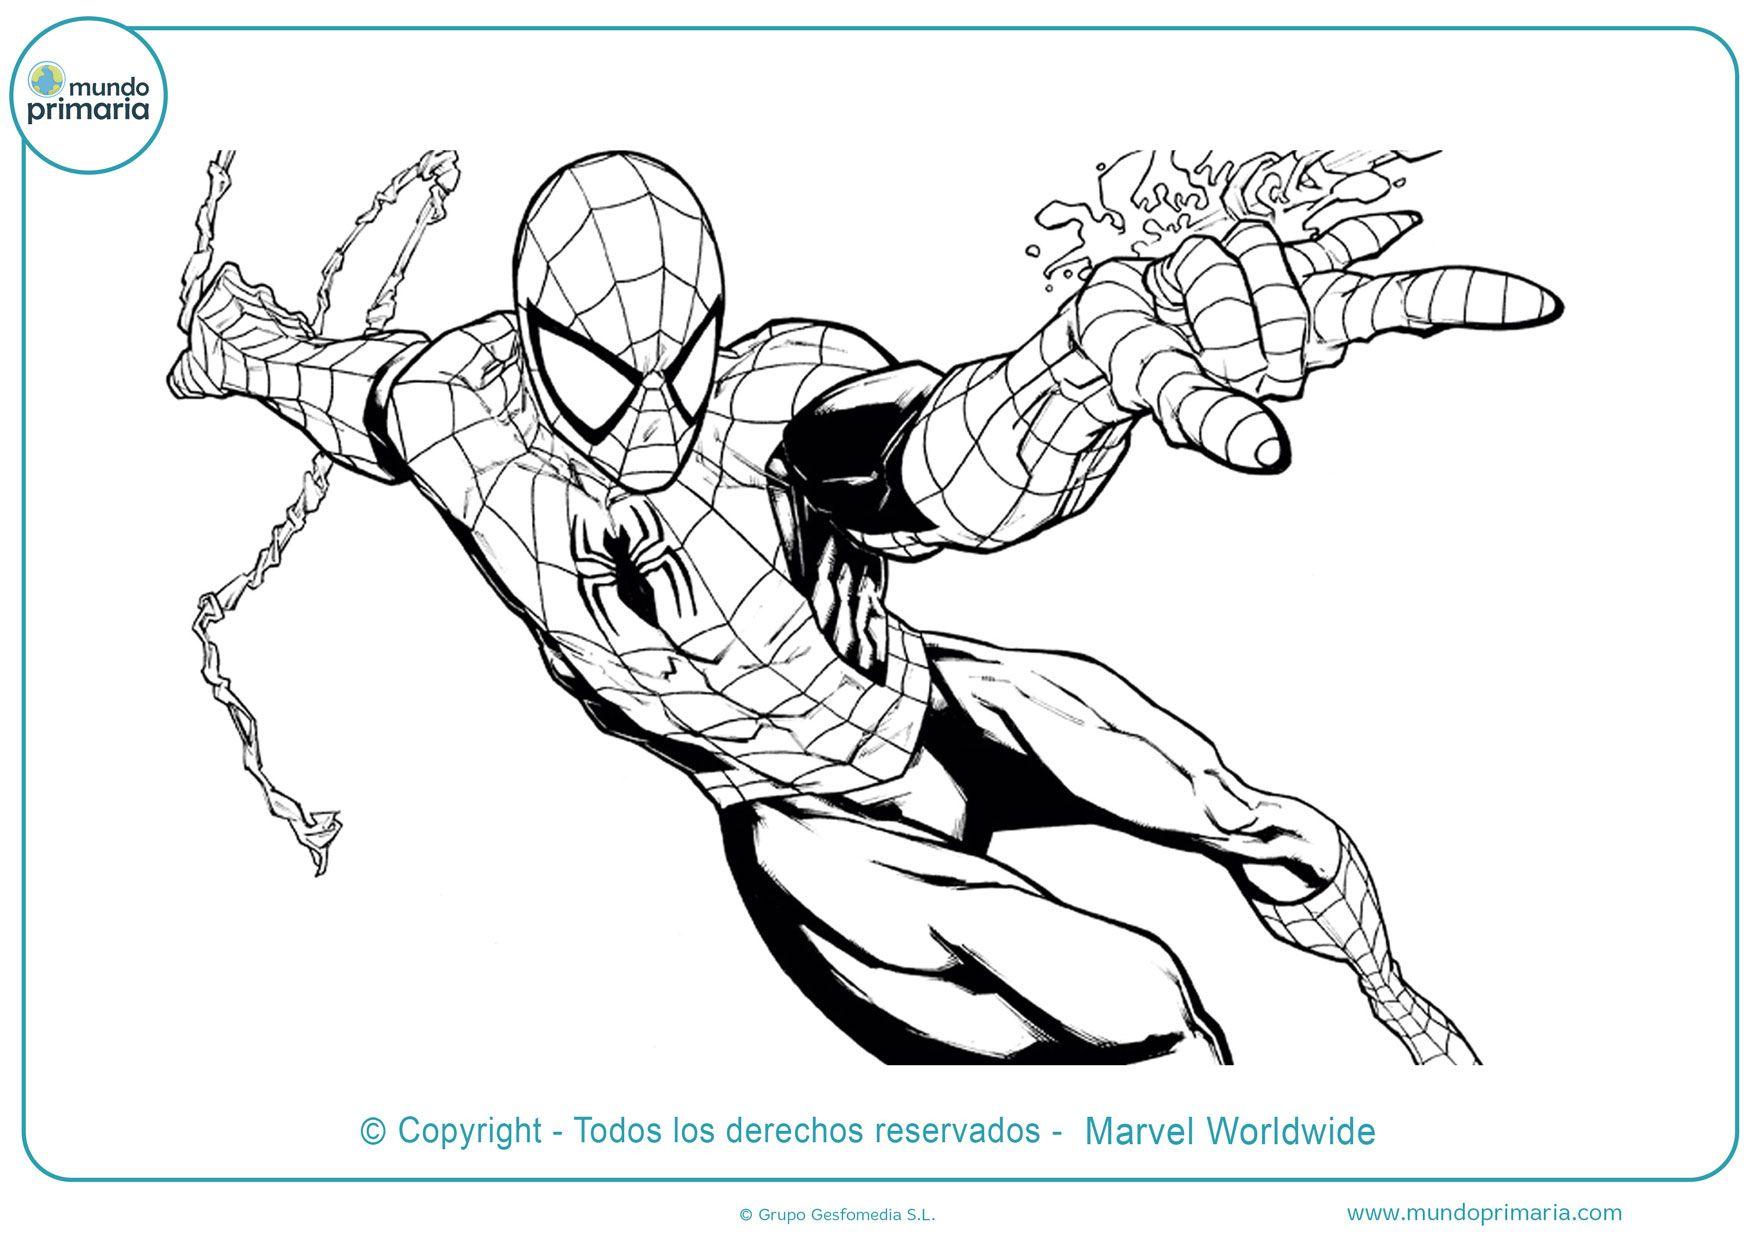 Imagenes Del Hombre Arana Para Imprimir Para Colorear Busqueda De Google En 2020 Hombre Arana Para Pintar Spiderman Dibujo Dibujos Unicos